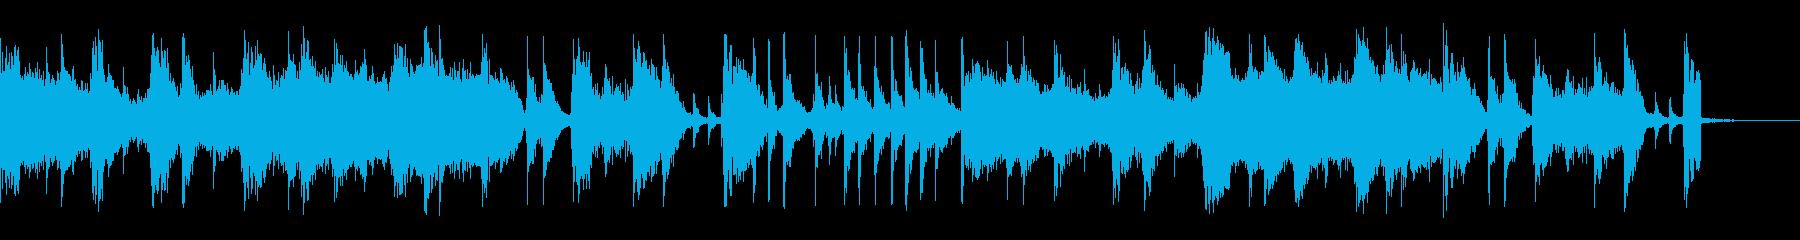 ドラムに疾走感のあるミドルテンポのロックの再生済みの波形